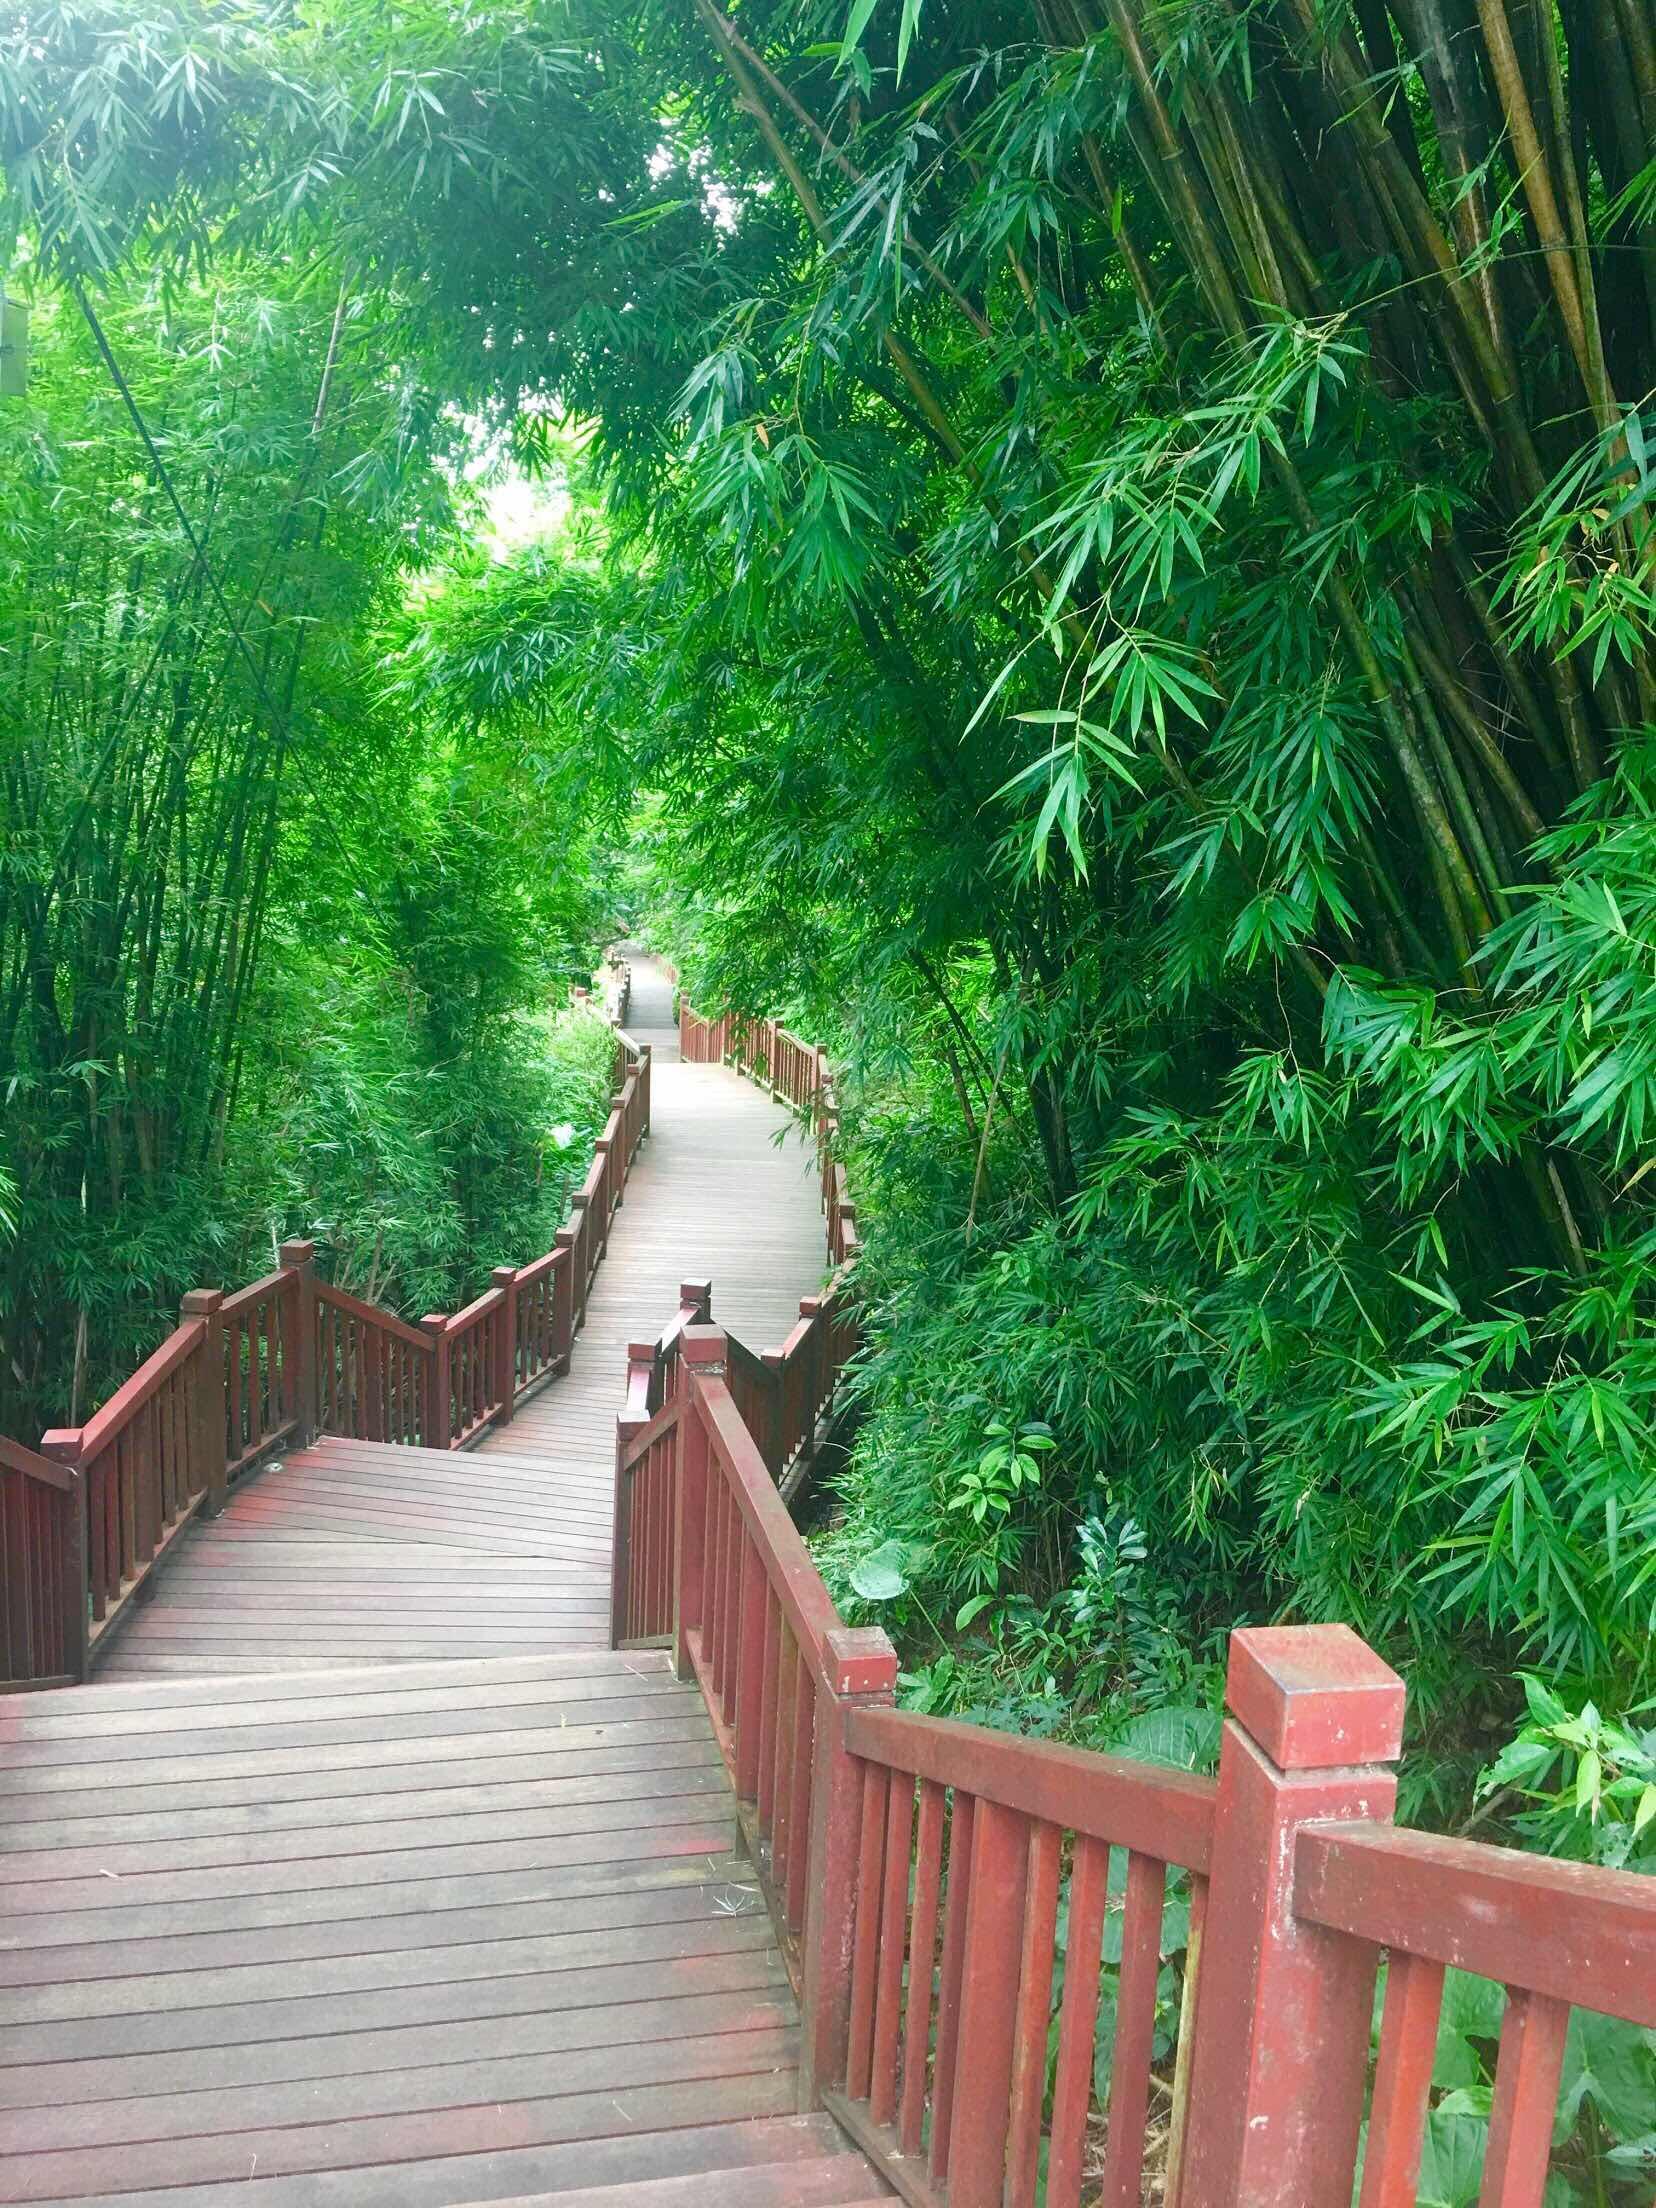 shifen waterfall pingxi shifen taiwan's little niagara taiwan travel bamboo trail